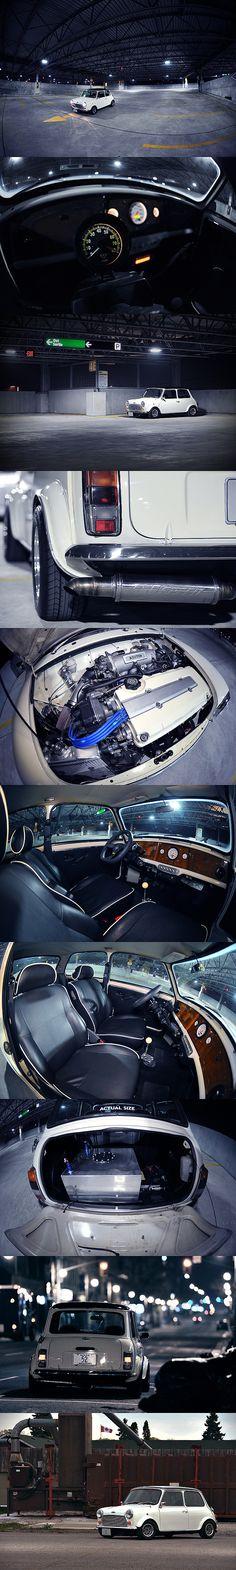 Classic #Mini Vtec. #Honda #VTEC #Rvinyl http://www.rvinyl.com/Honda-Accessories.html